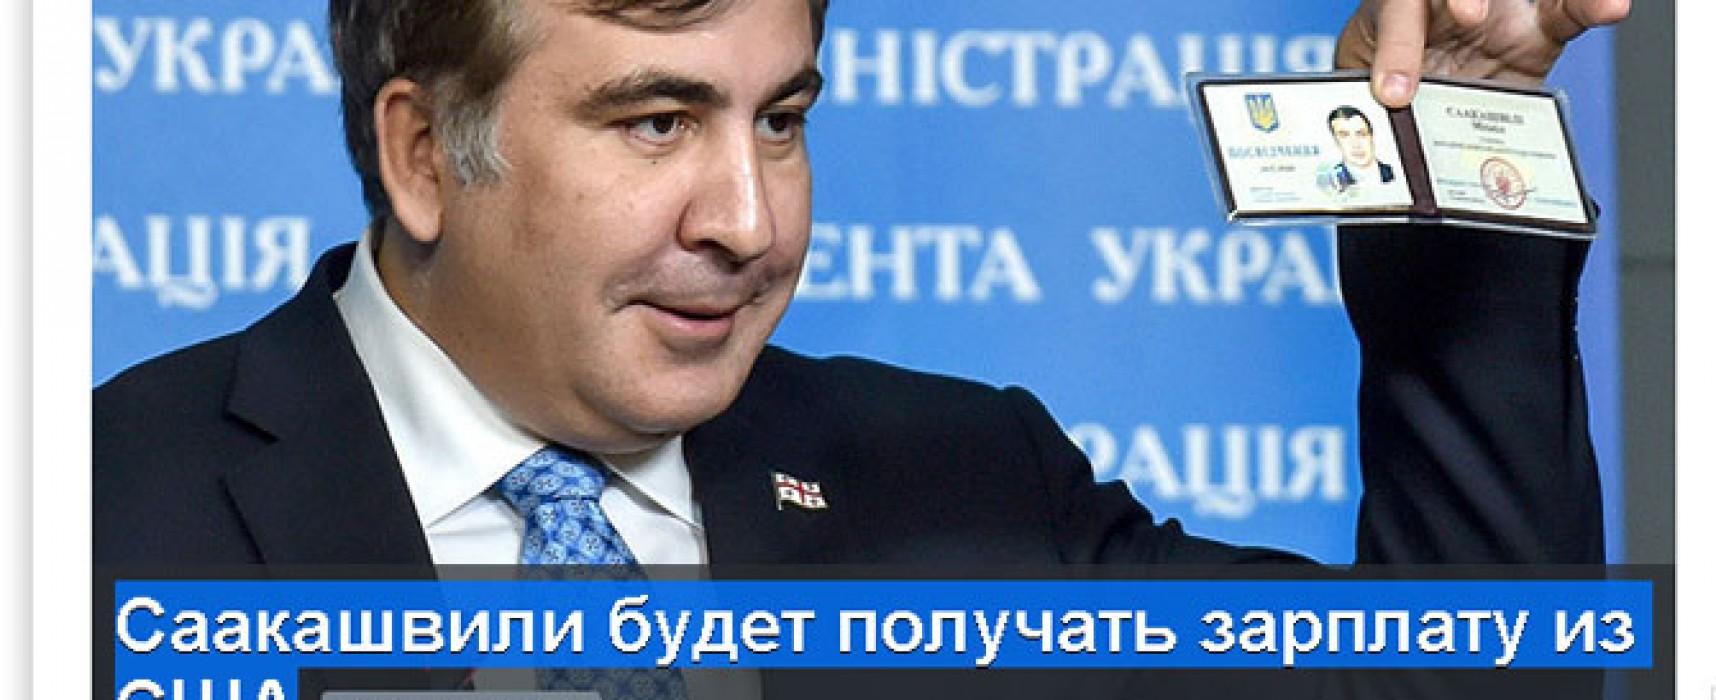 Falso: EEUU van a pagar salario a Saakashvili